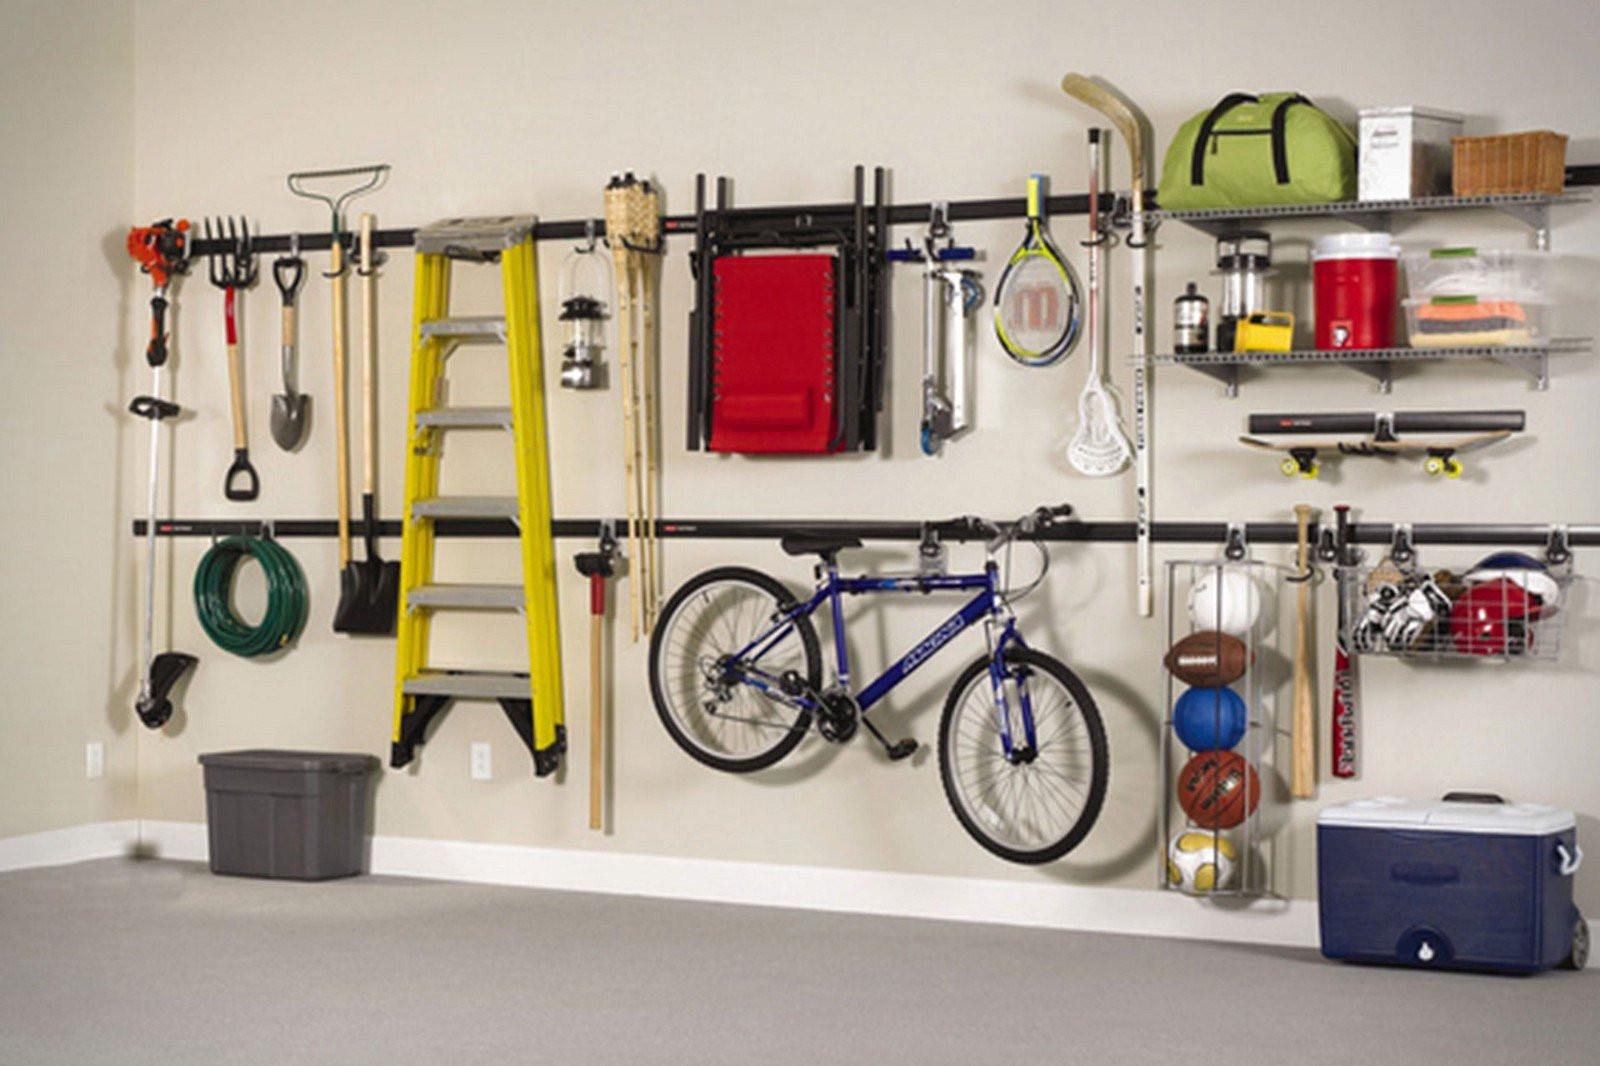 Garage Organization Systems  7 Great Garage Storage Ideas